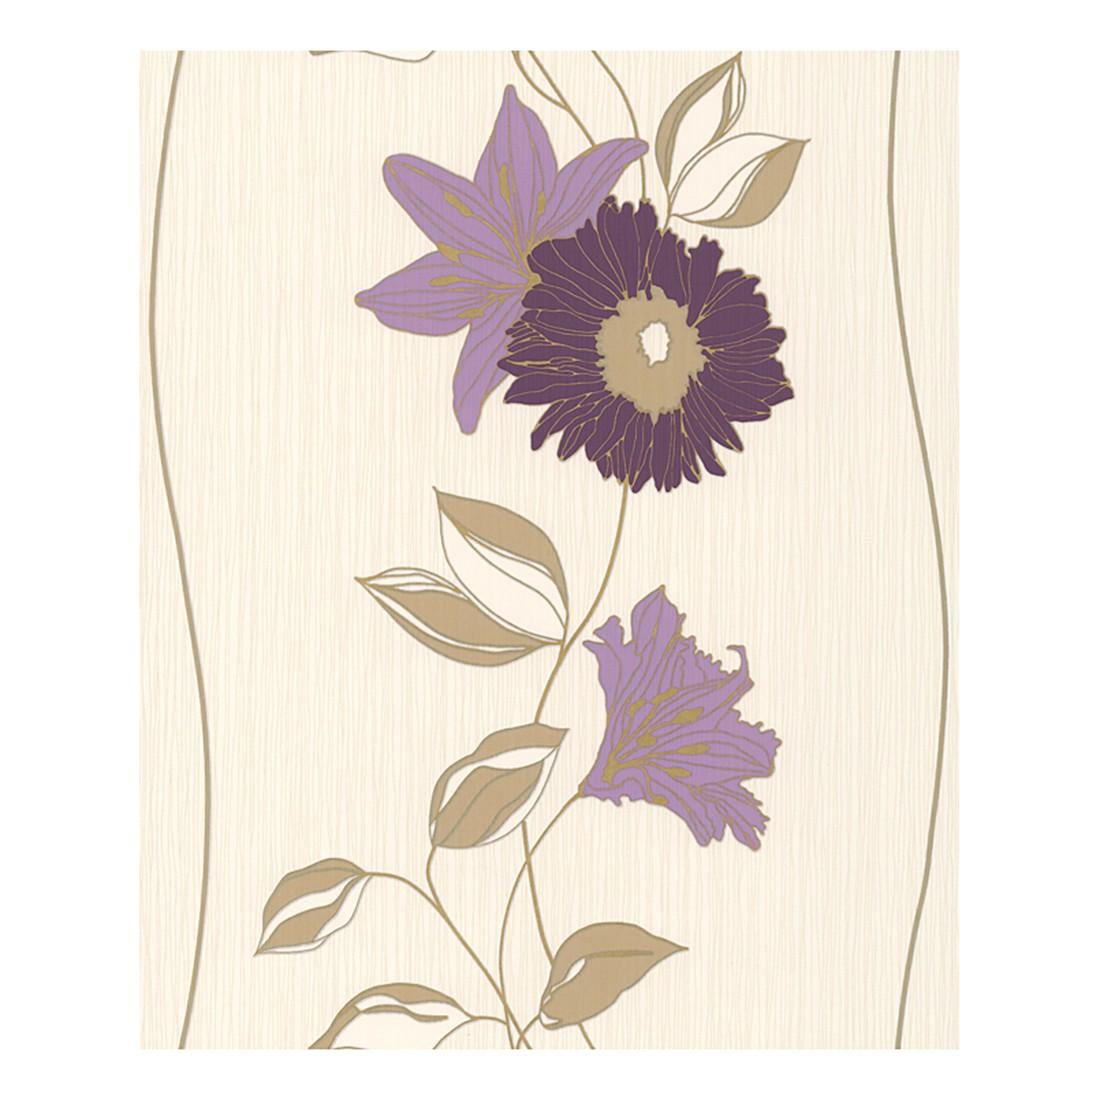 Tapete Daniel Hechter – creme – violett – rotlila – beige – goldfarben – fein strukturiert, Daniel Hechter günstig online kaufen